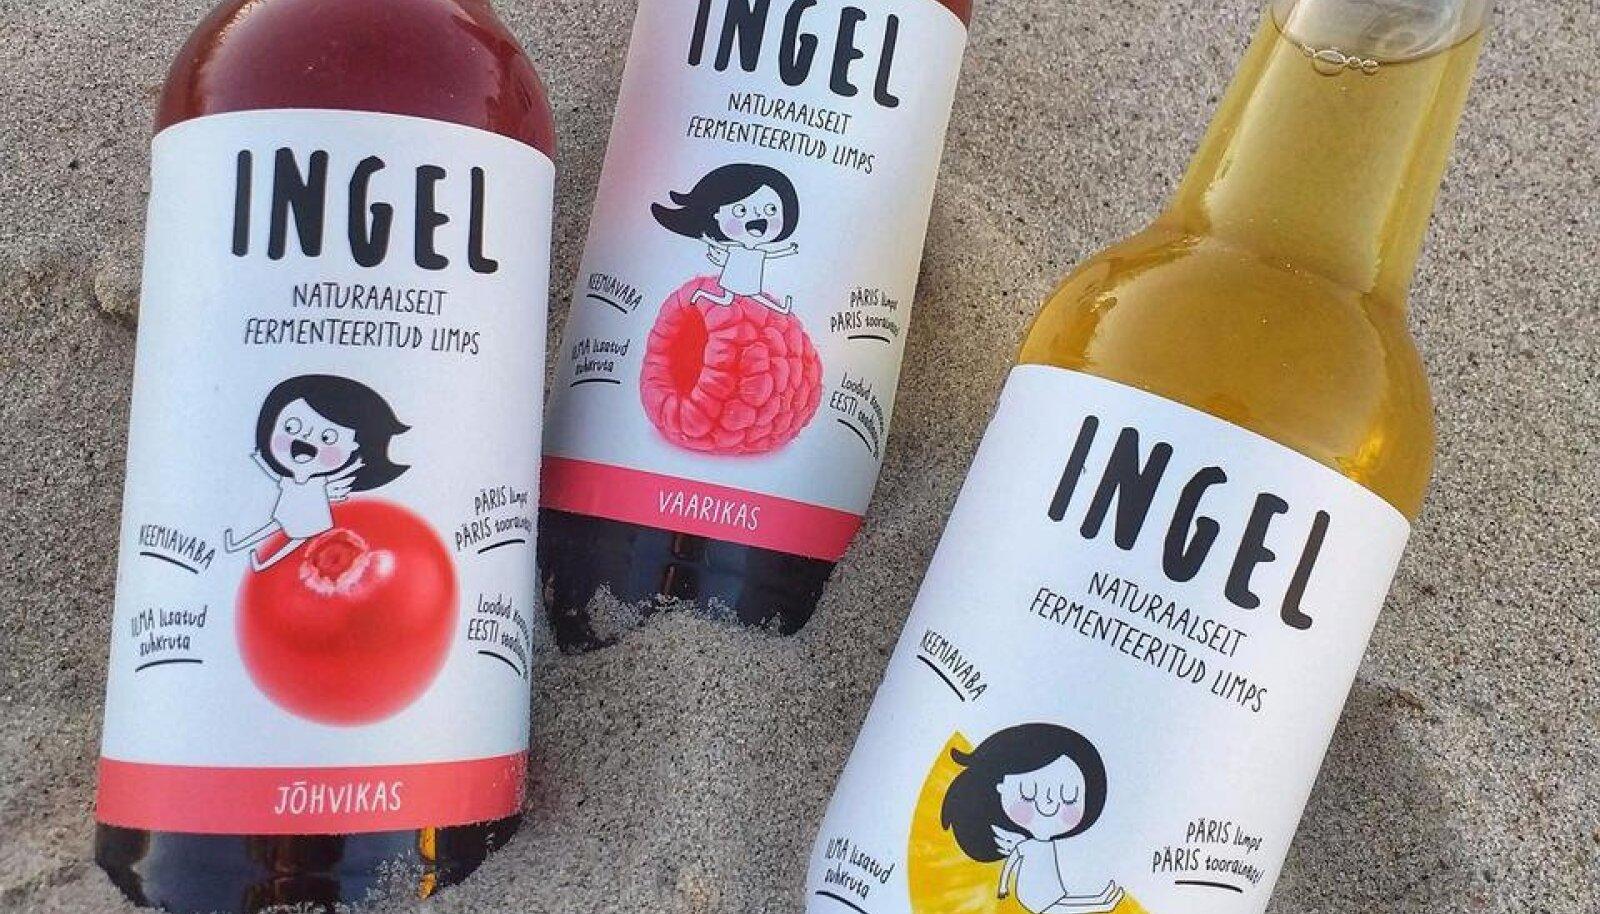 Väikese vahemärkusena ja etteruttavalt võib öelda, et nii inspiratsioon kui nimi Ingel limonaadide loomiseks pärineb joogimeistri tütrelt.